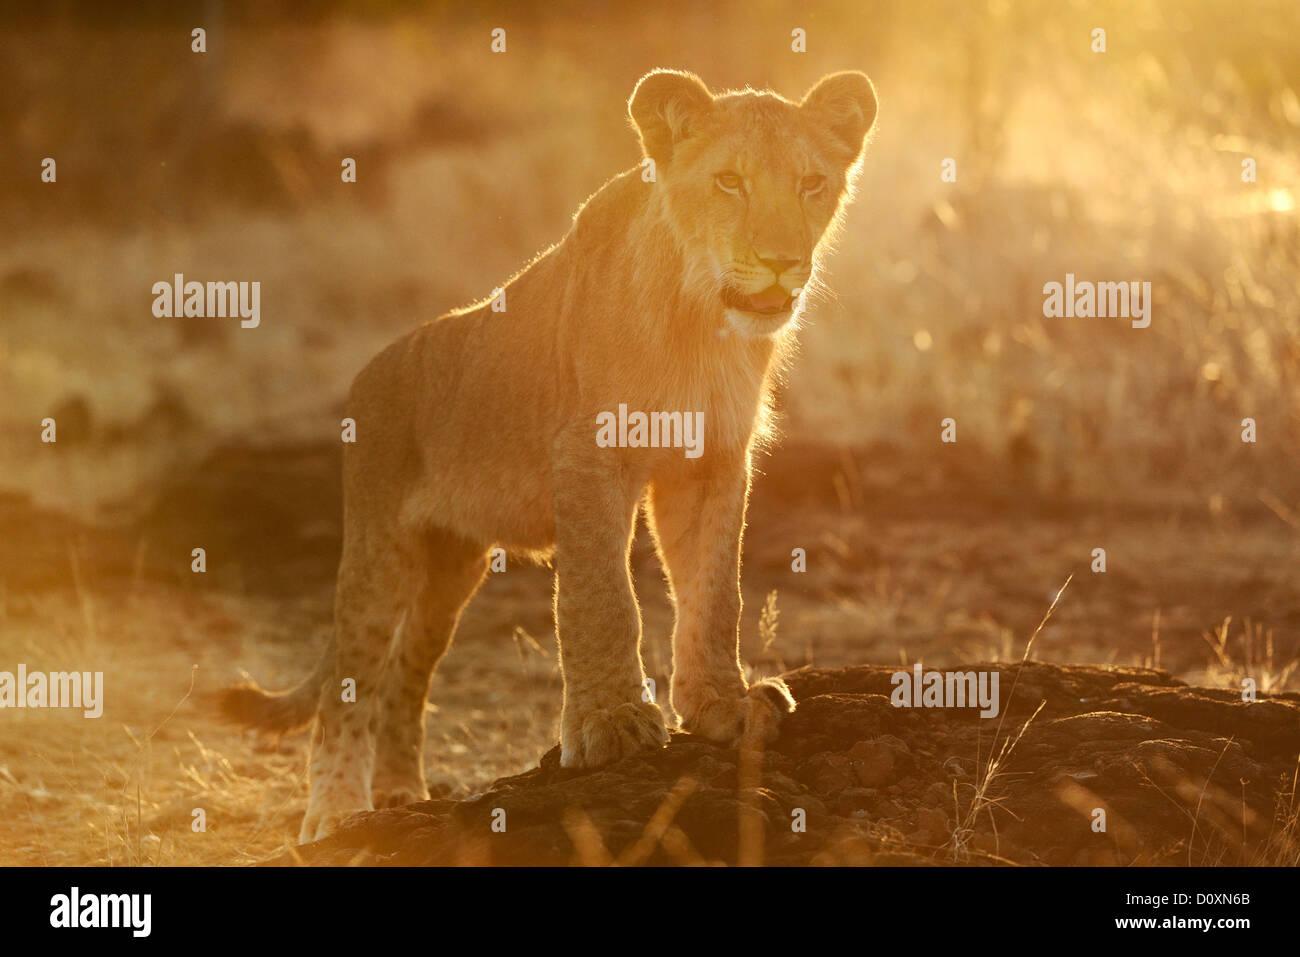 Africa, Zimbabwe, lion, animal, leo, wildlife, safari, pup - Stock Image